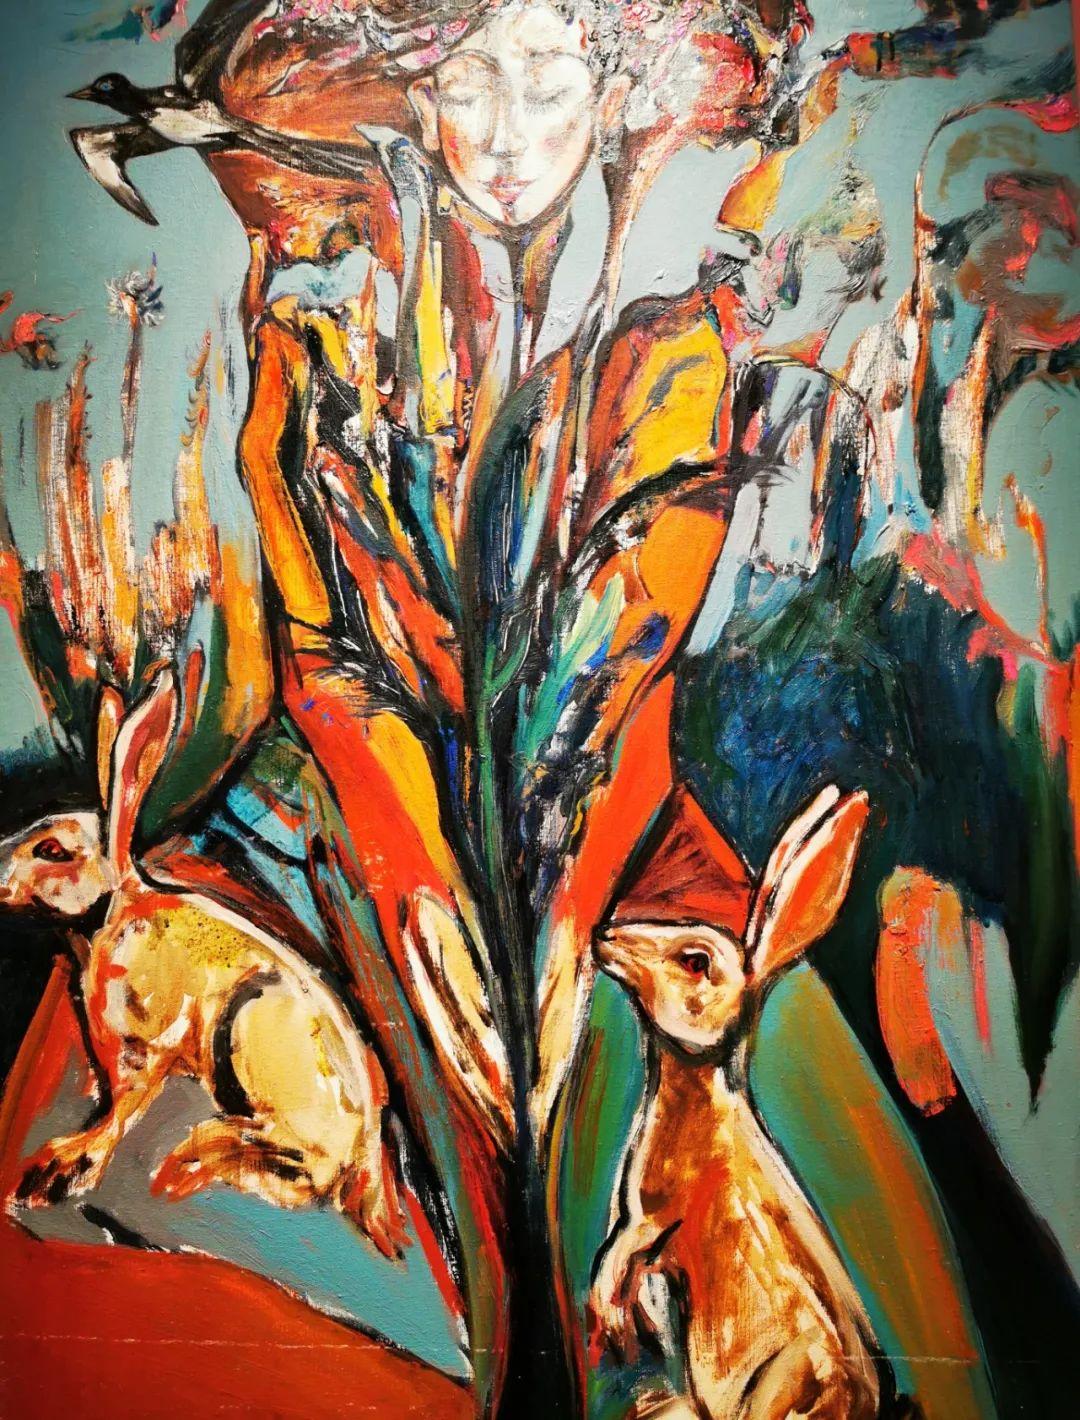 疫情期间蒙古国艺术家莫德格玛在中国创作了80余幅画作 第5张